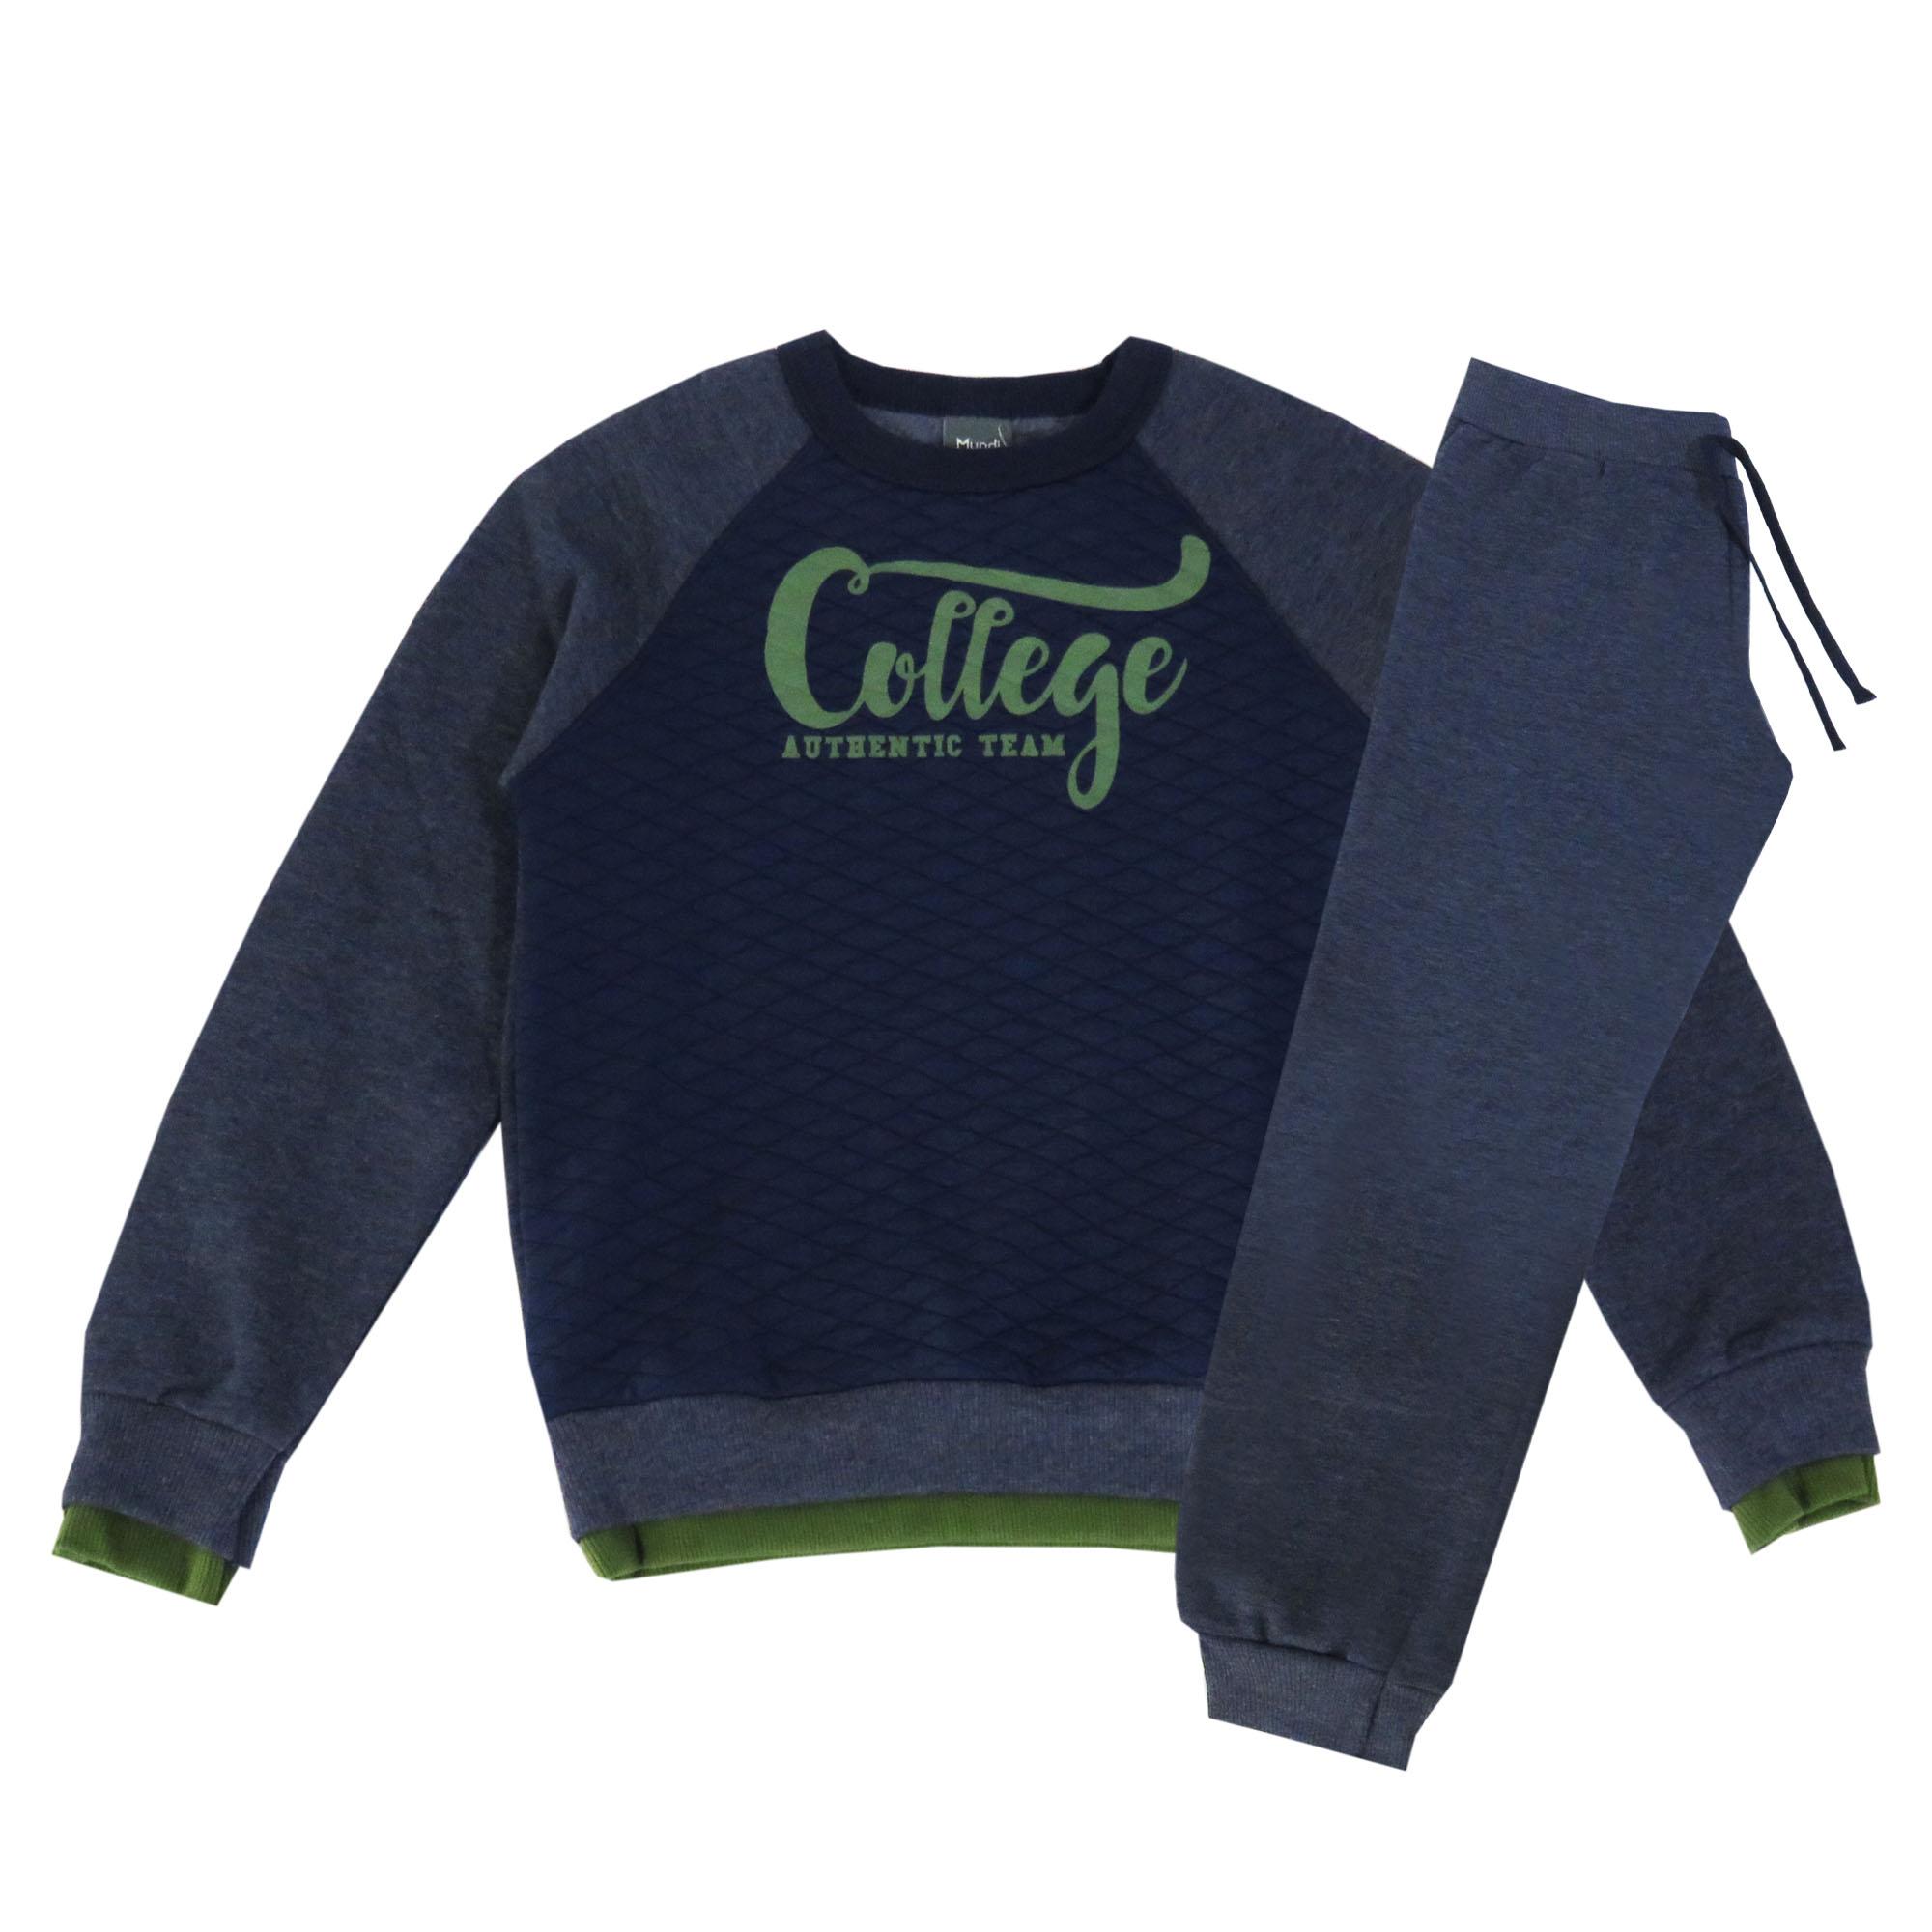 Conjunto Inverno Brandili Blusão College Authentic Team com Calça Jogger Moletom - 04 ao 14